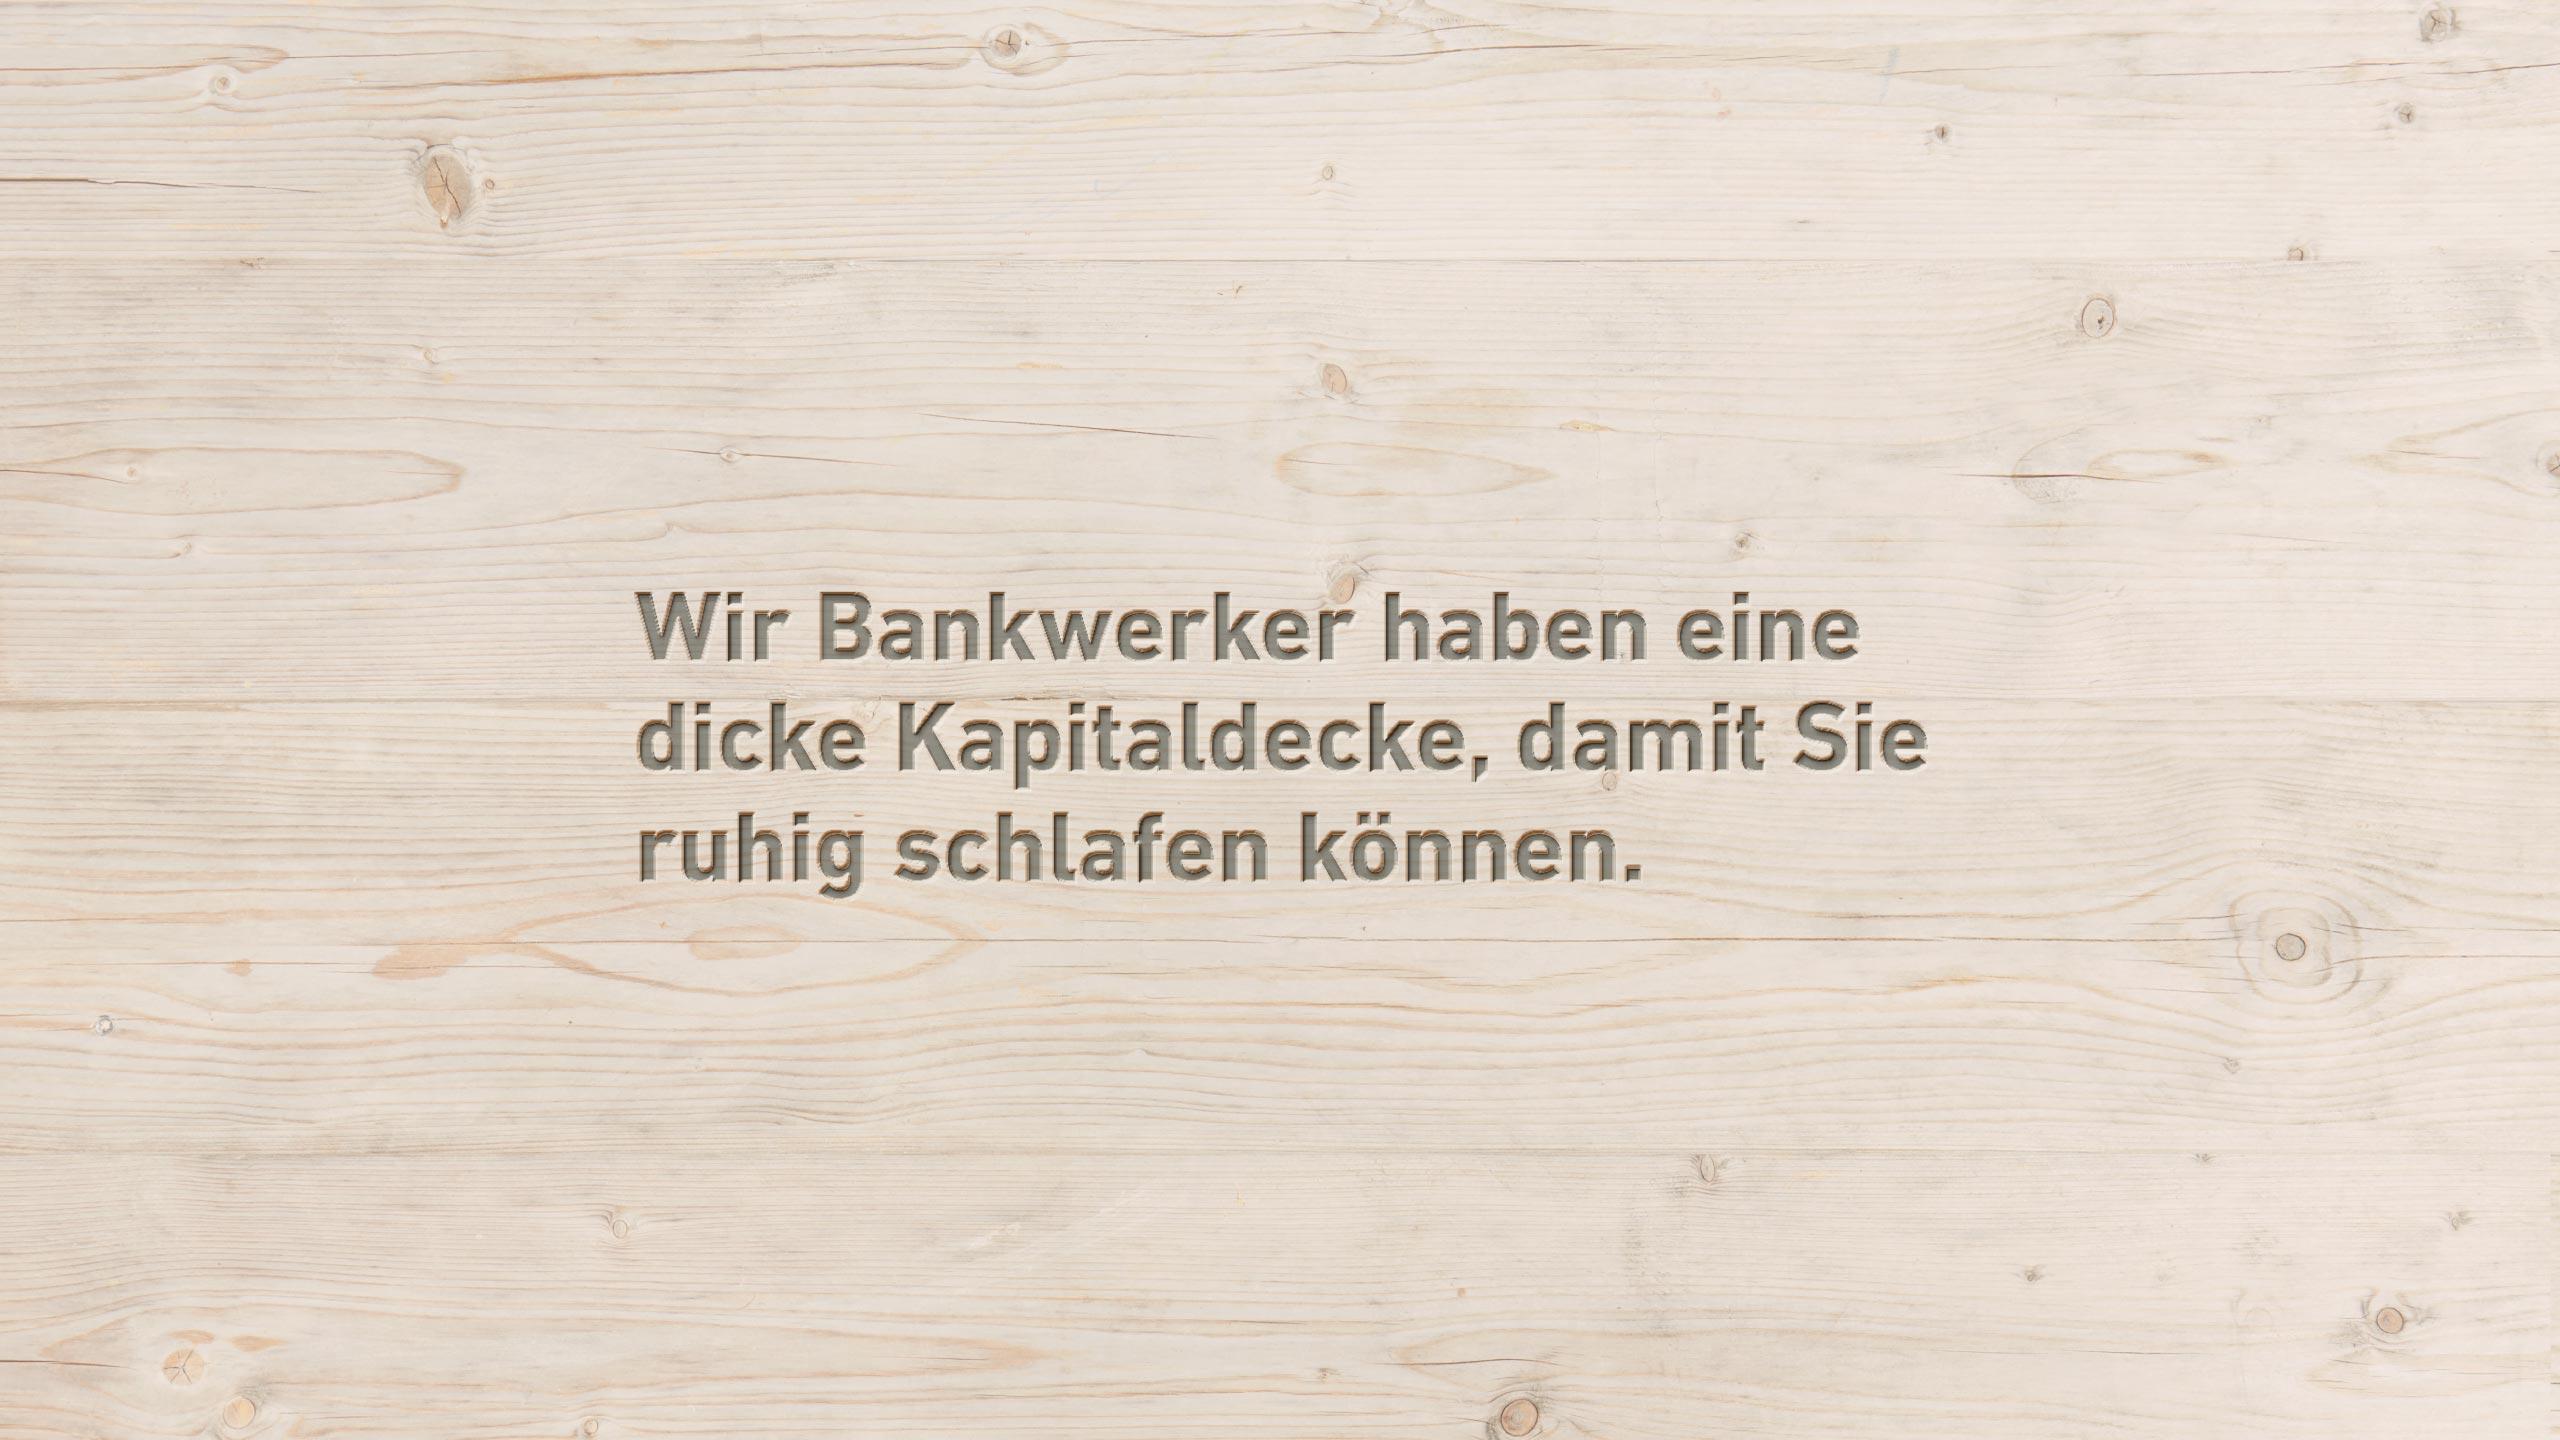 Konten - Bank Thalwil - die Bankwerker